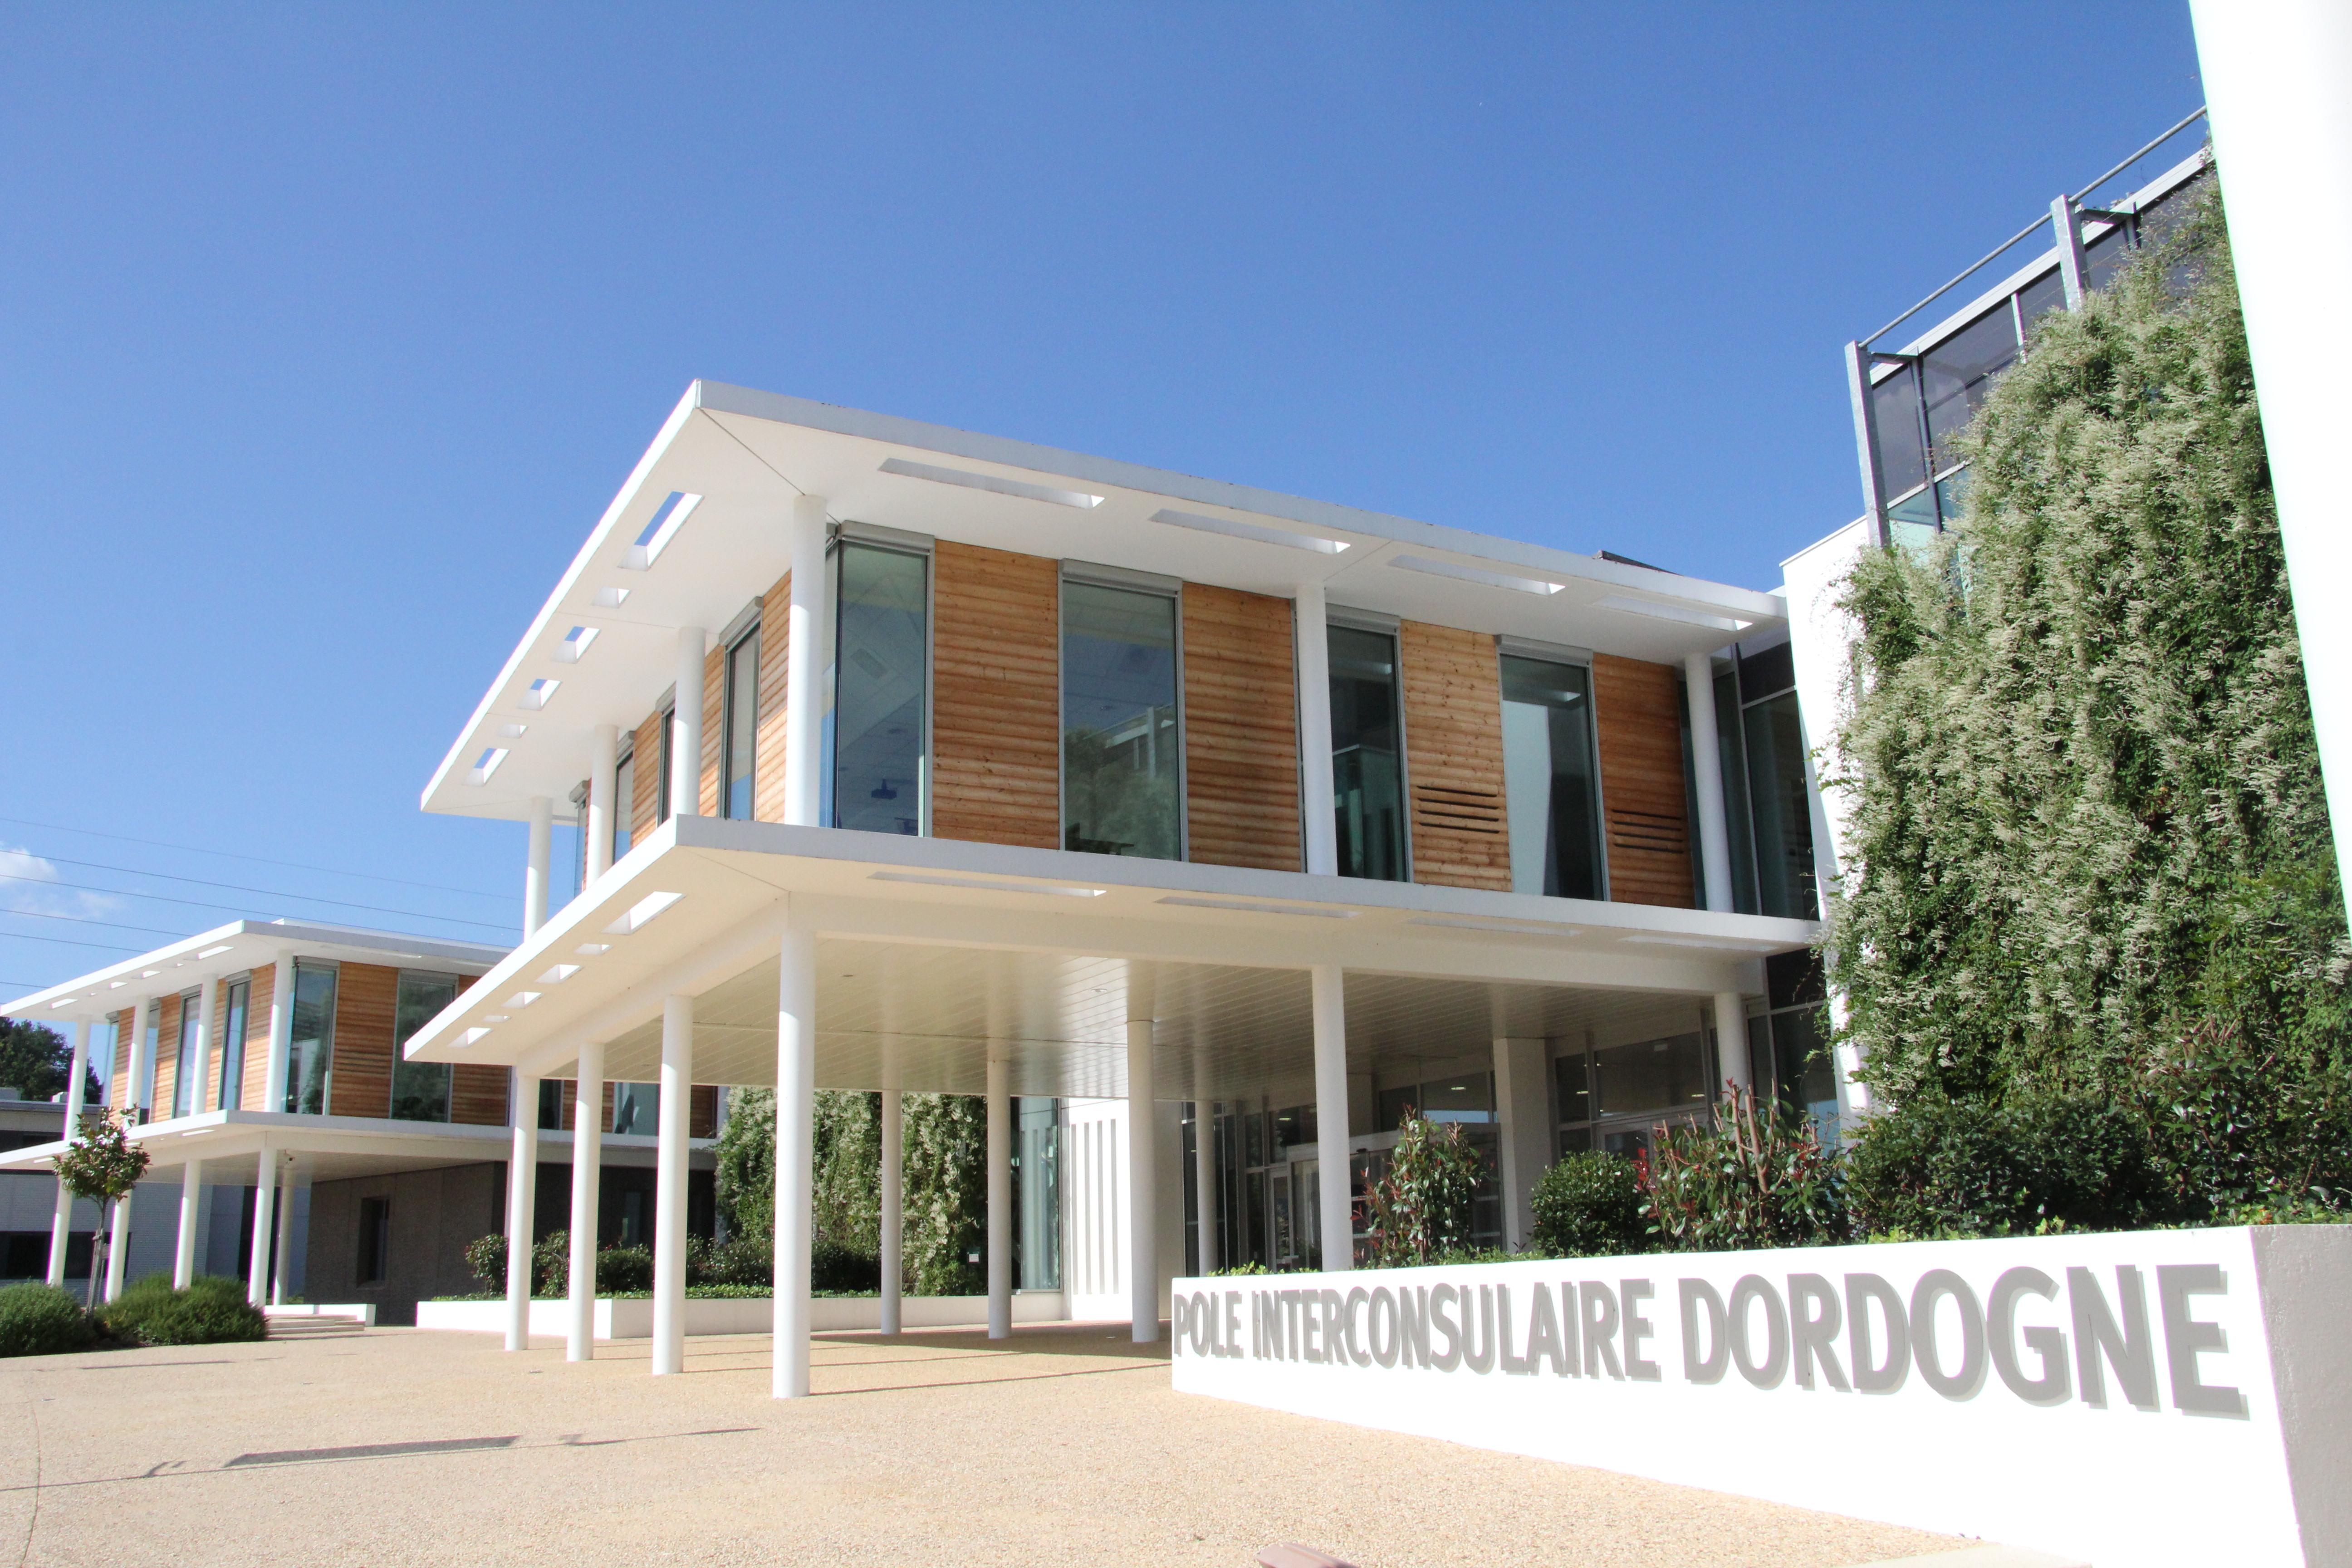 cci dordogne le p le interconsulaire chambre de commerce et d 39 industrie dordogne. Black Bedroom Furniture Sets. Home Design Ideas